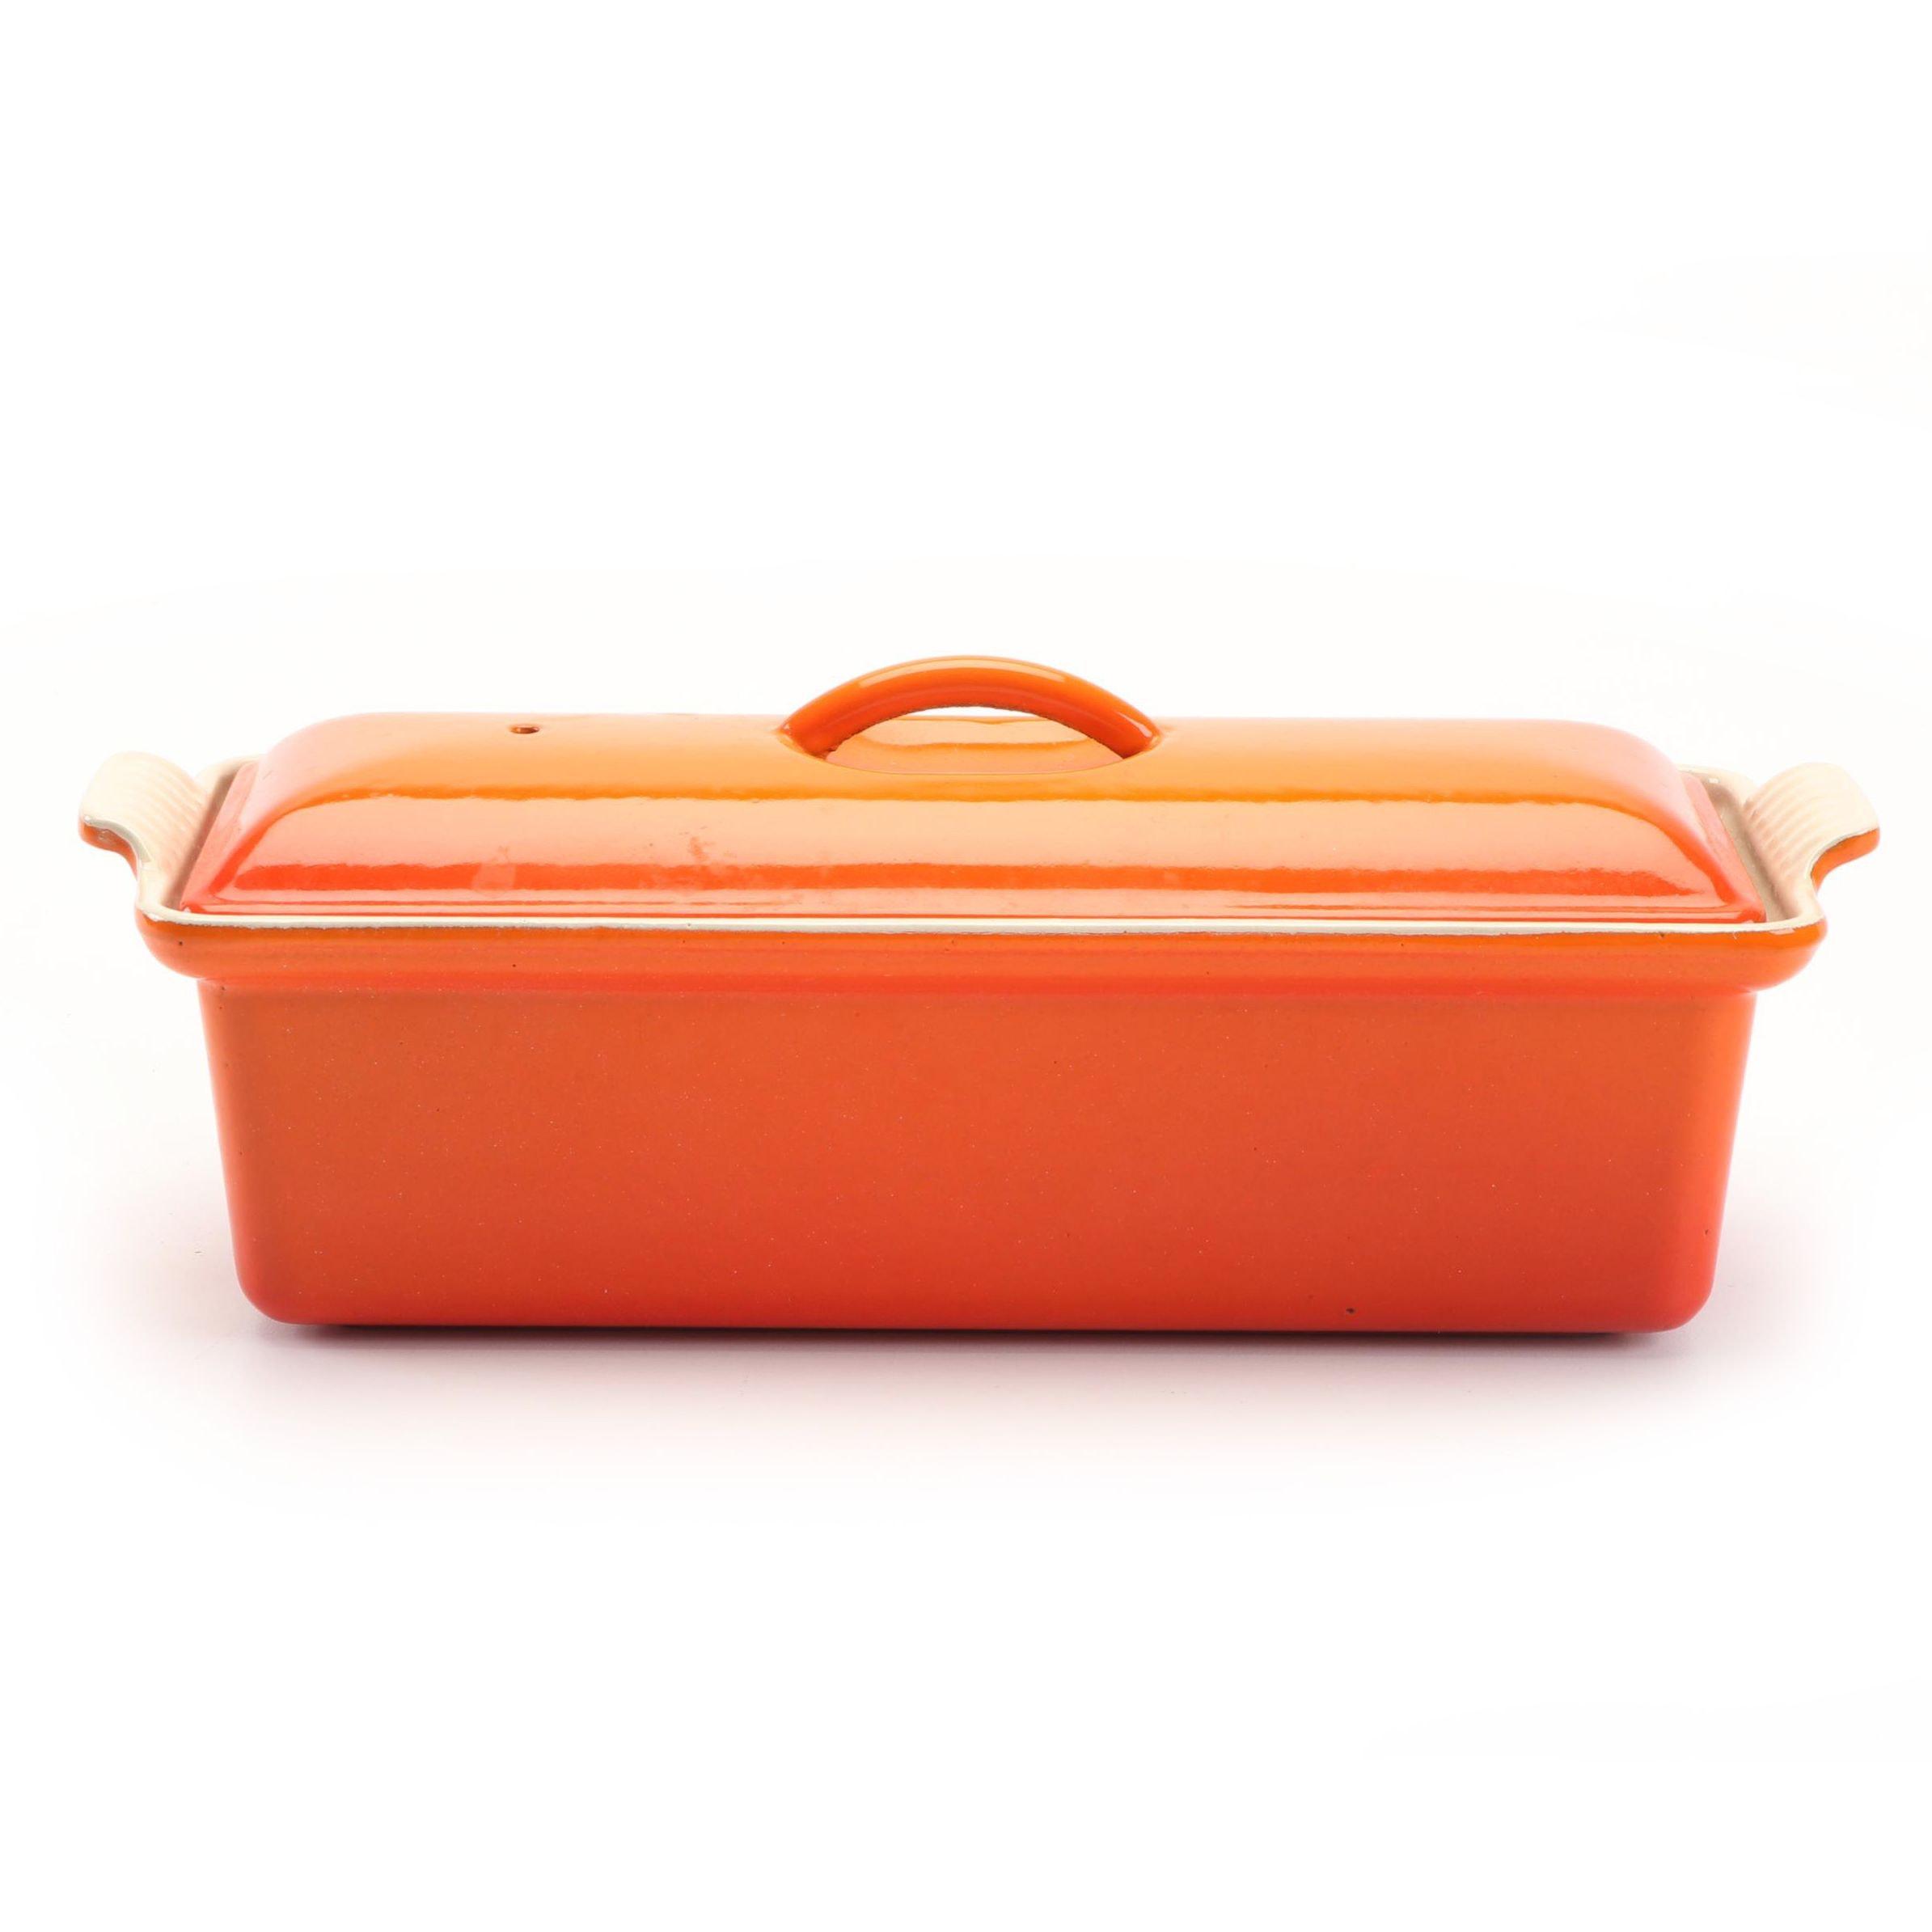 Le Creuset Orange Enameled Stoneware Baking Dish